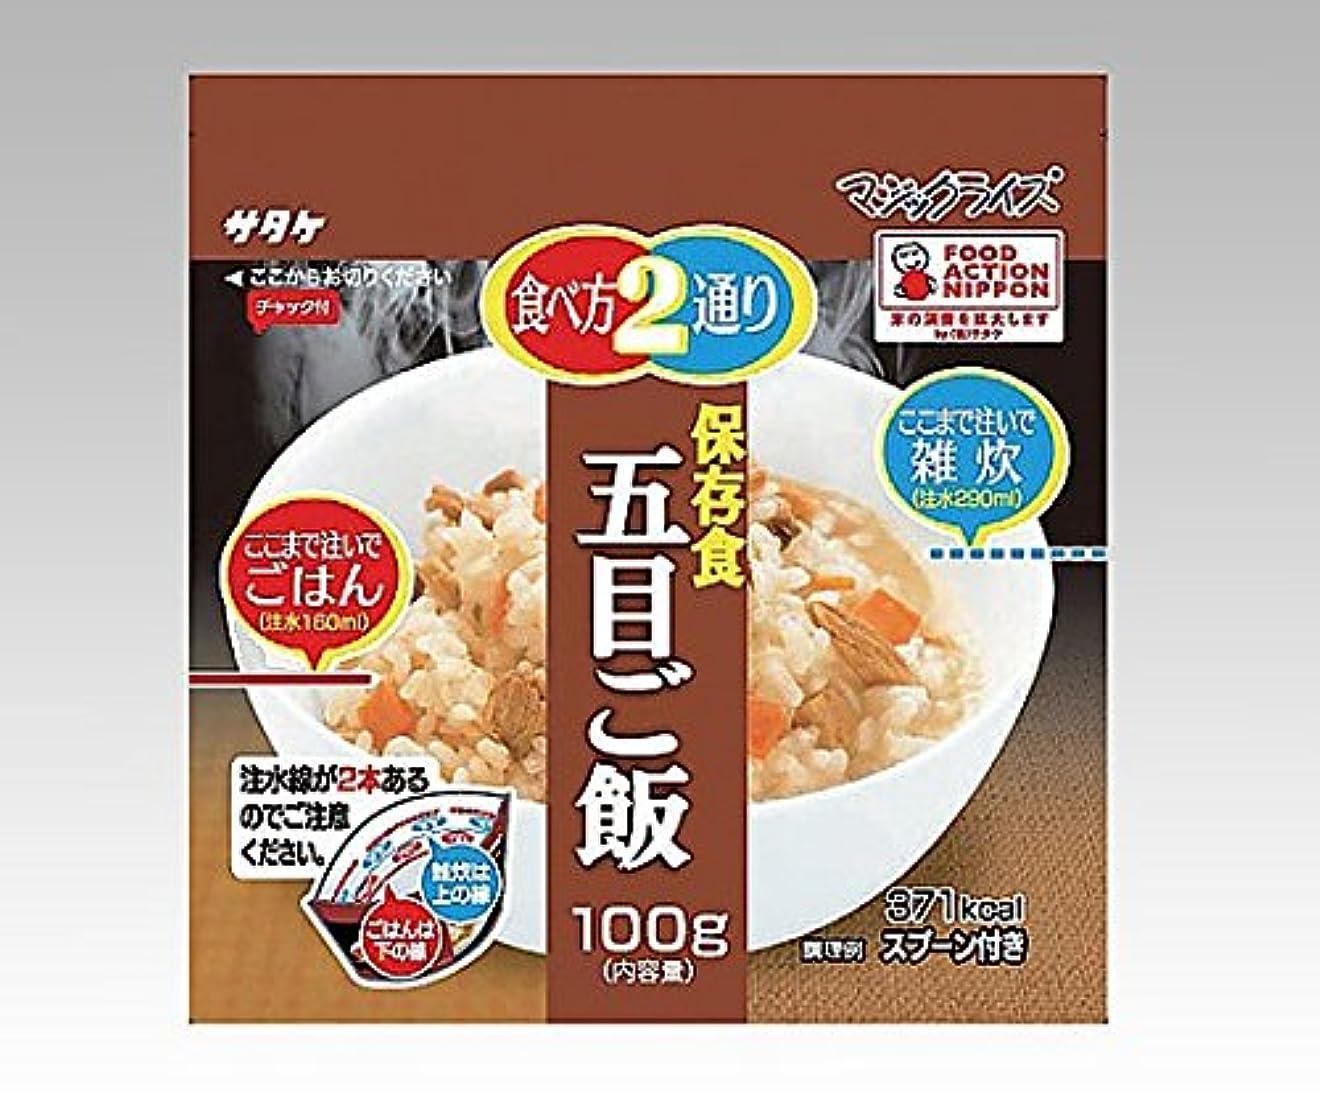 貫入より良い十分8-2802-03非常用食品(五目ご飯/50食分)